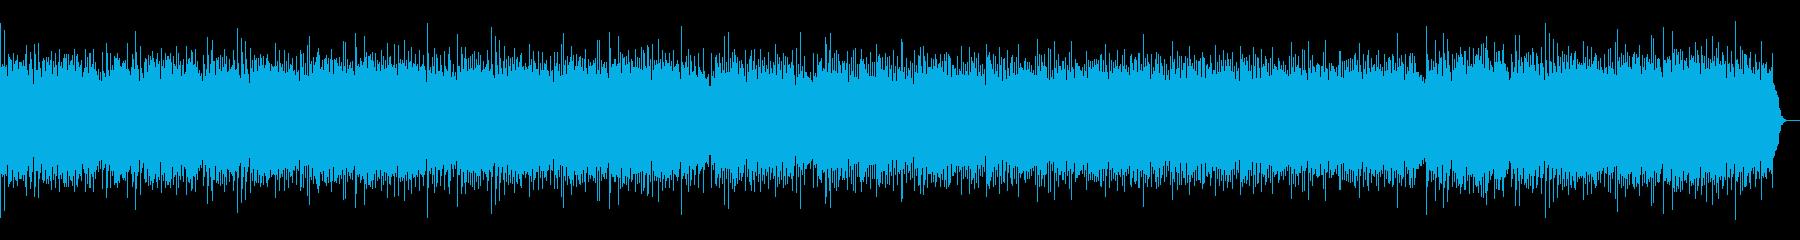 管弦楽組曲第一番 パスピエの再生済みの波形